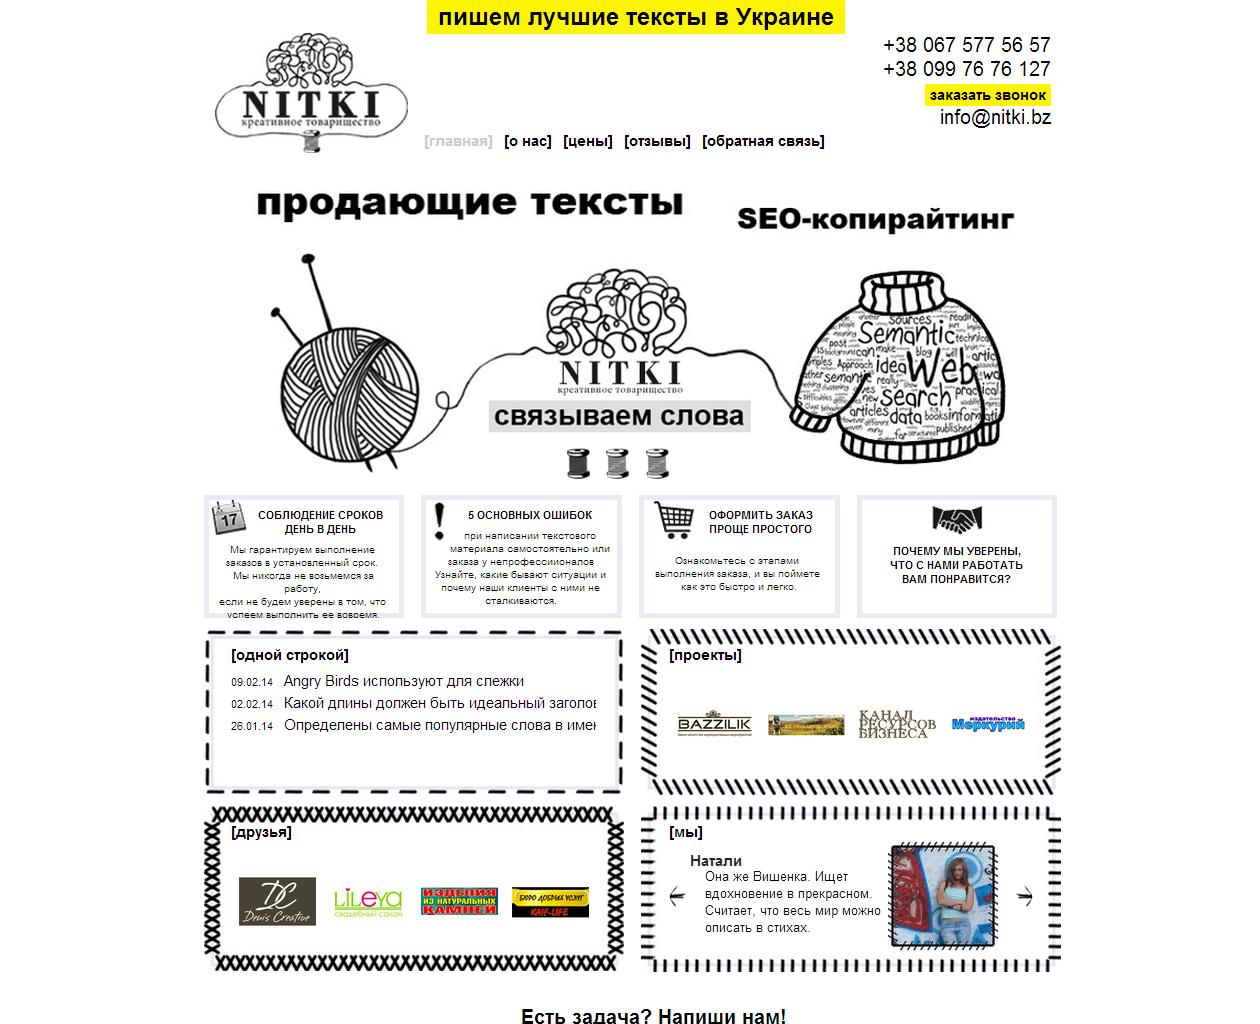 Создание сайта Креативного товарищества Nitki